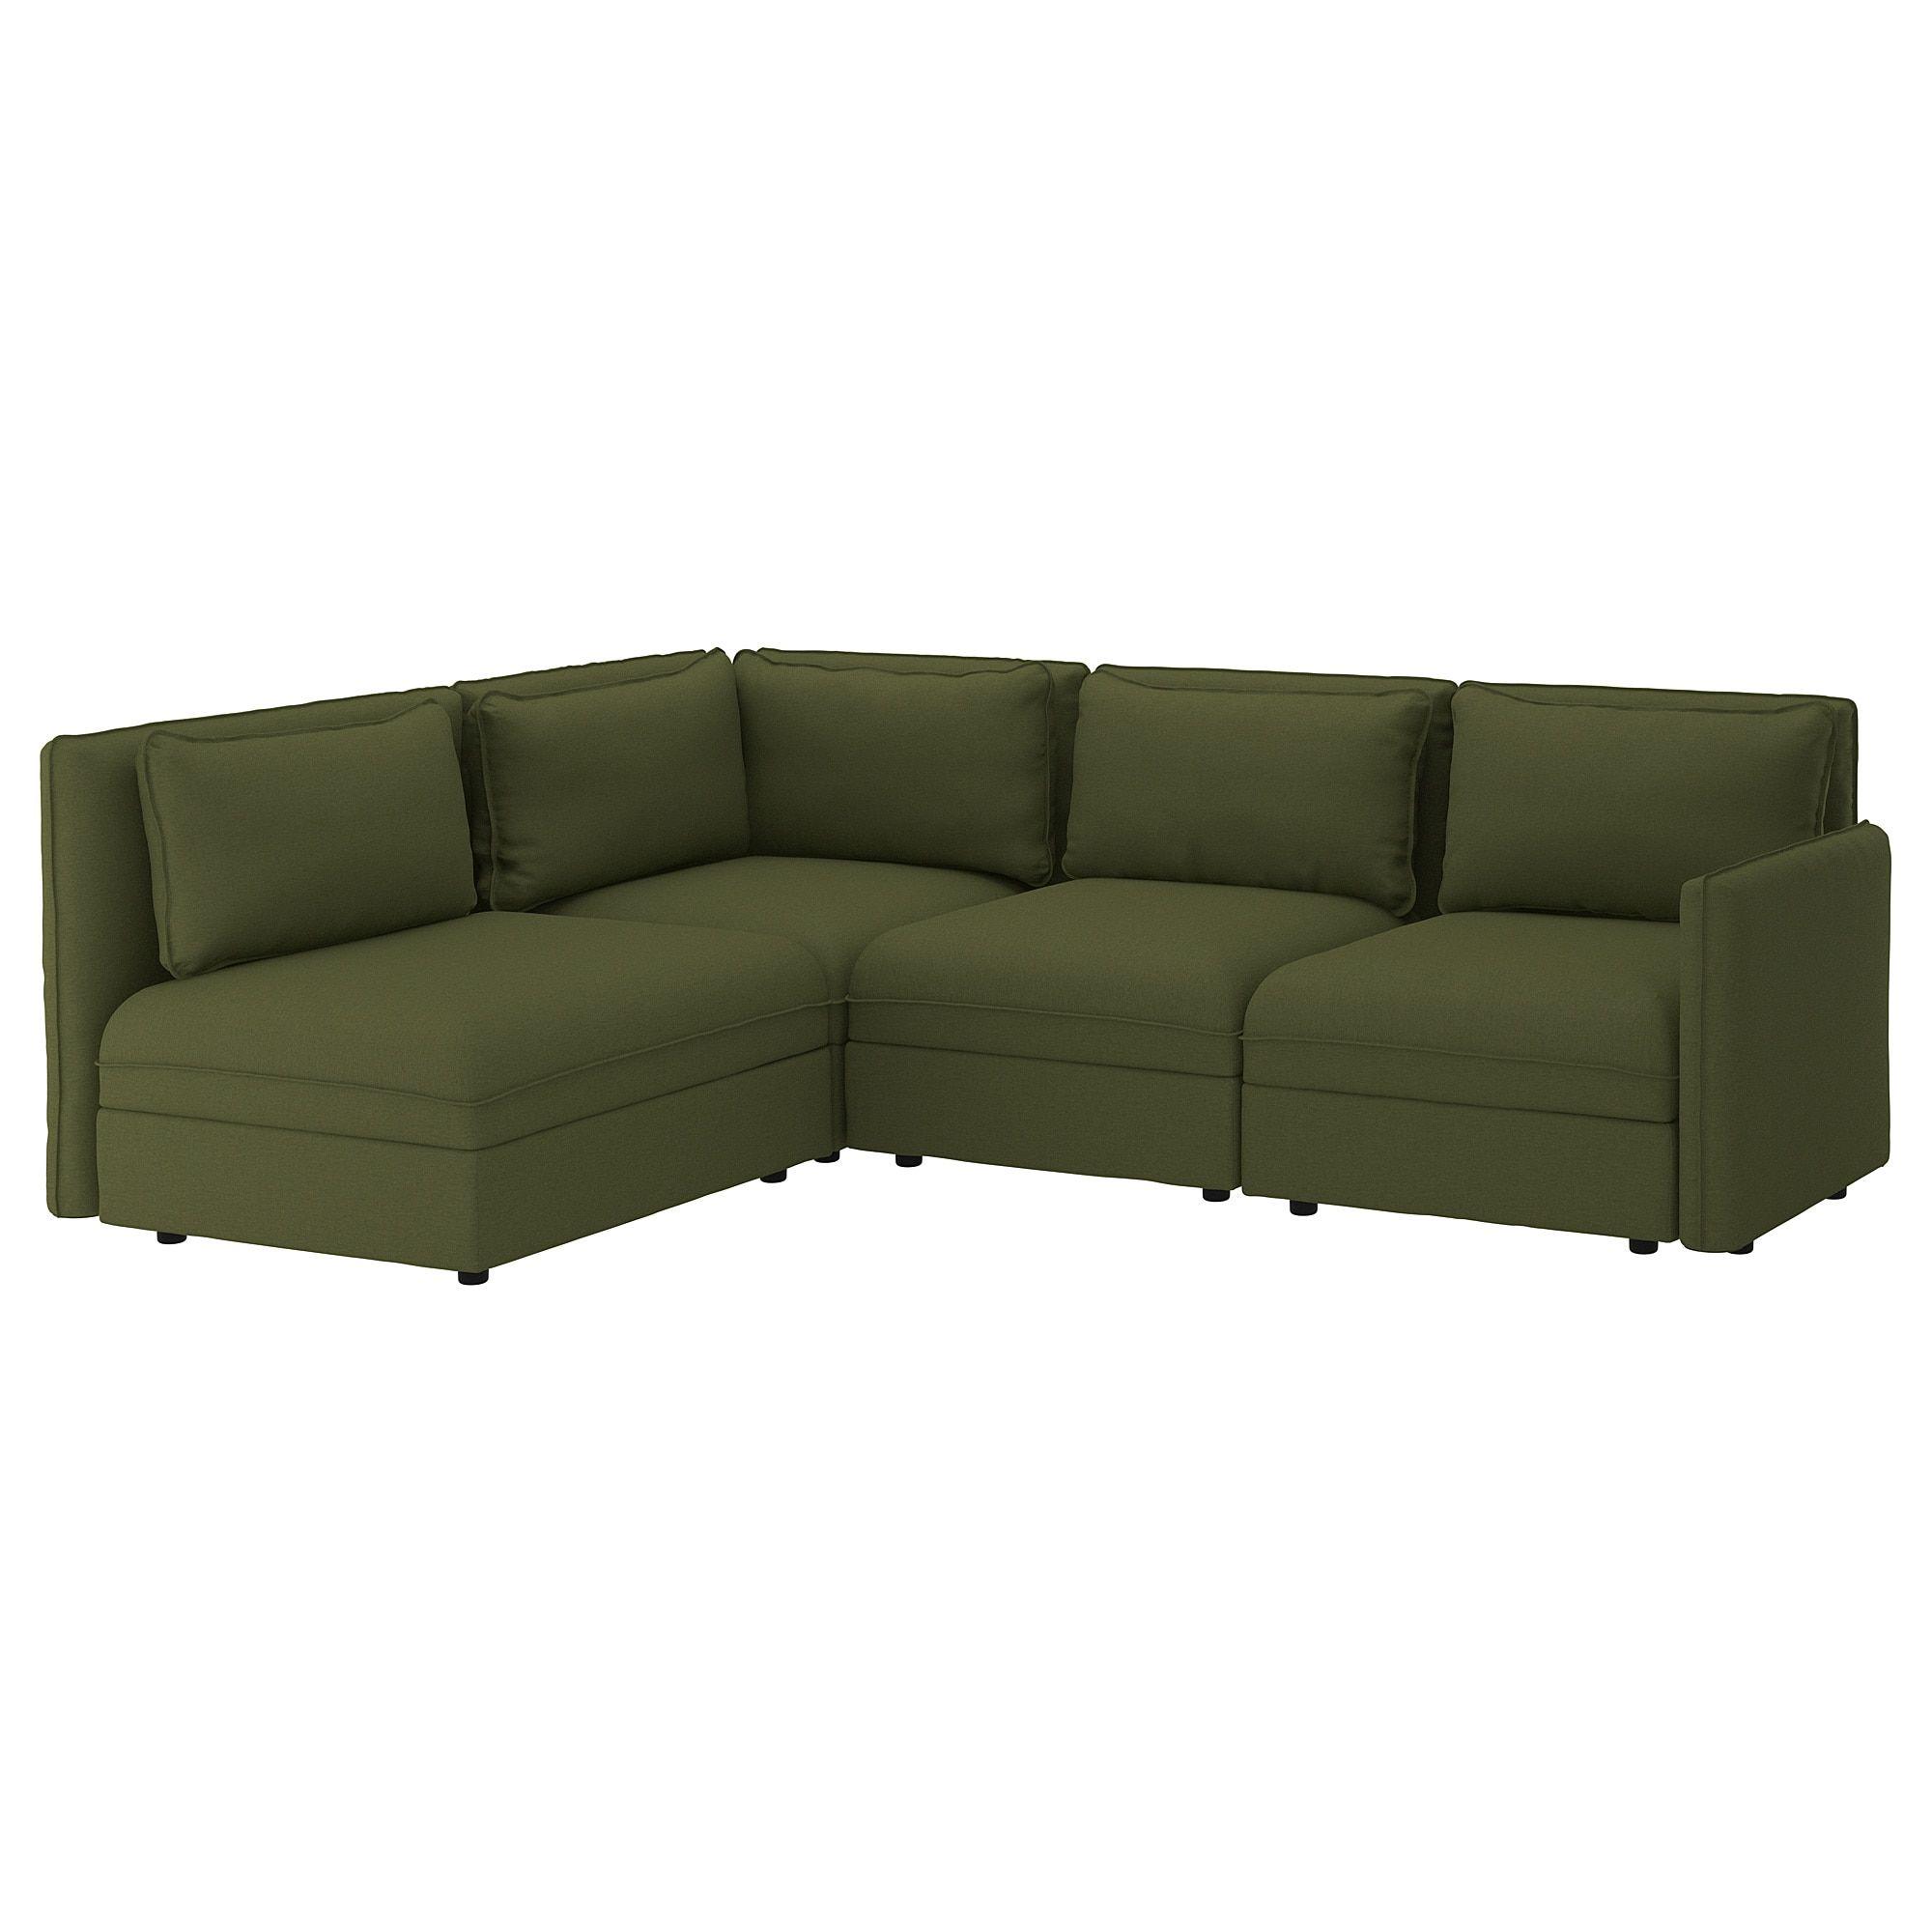 Ikea Vallentuna Modular Corner Sofa 3 Seat Modular Corner Sofa Sofa Bed With Storage Corner Sofa